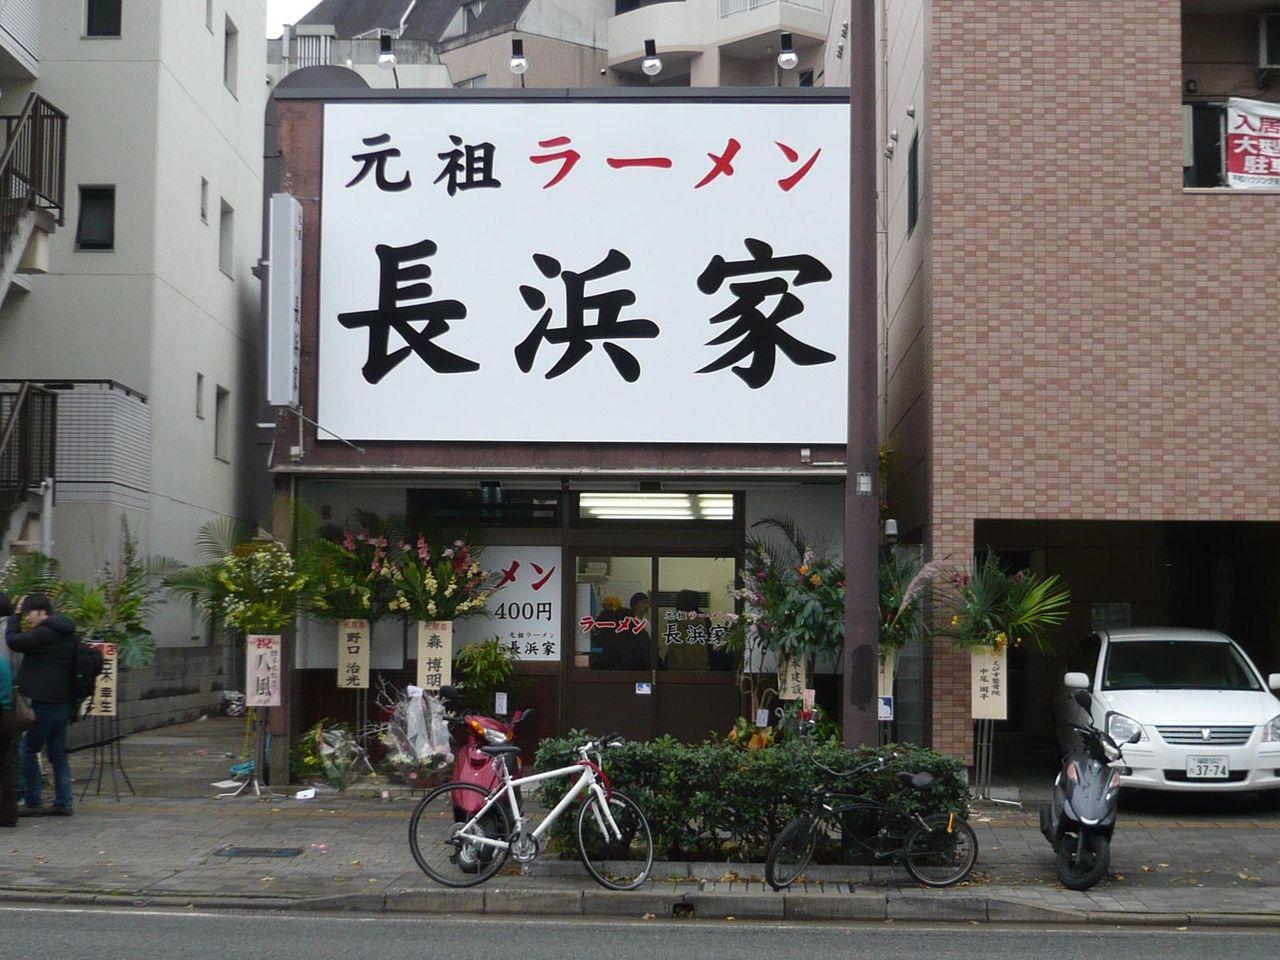 21年12月12日にオープンした「元祖ラーメン 長浜家」